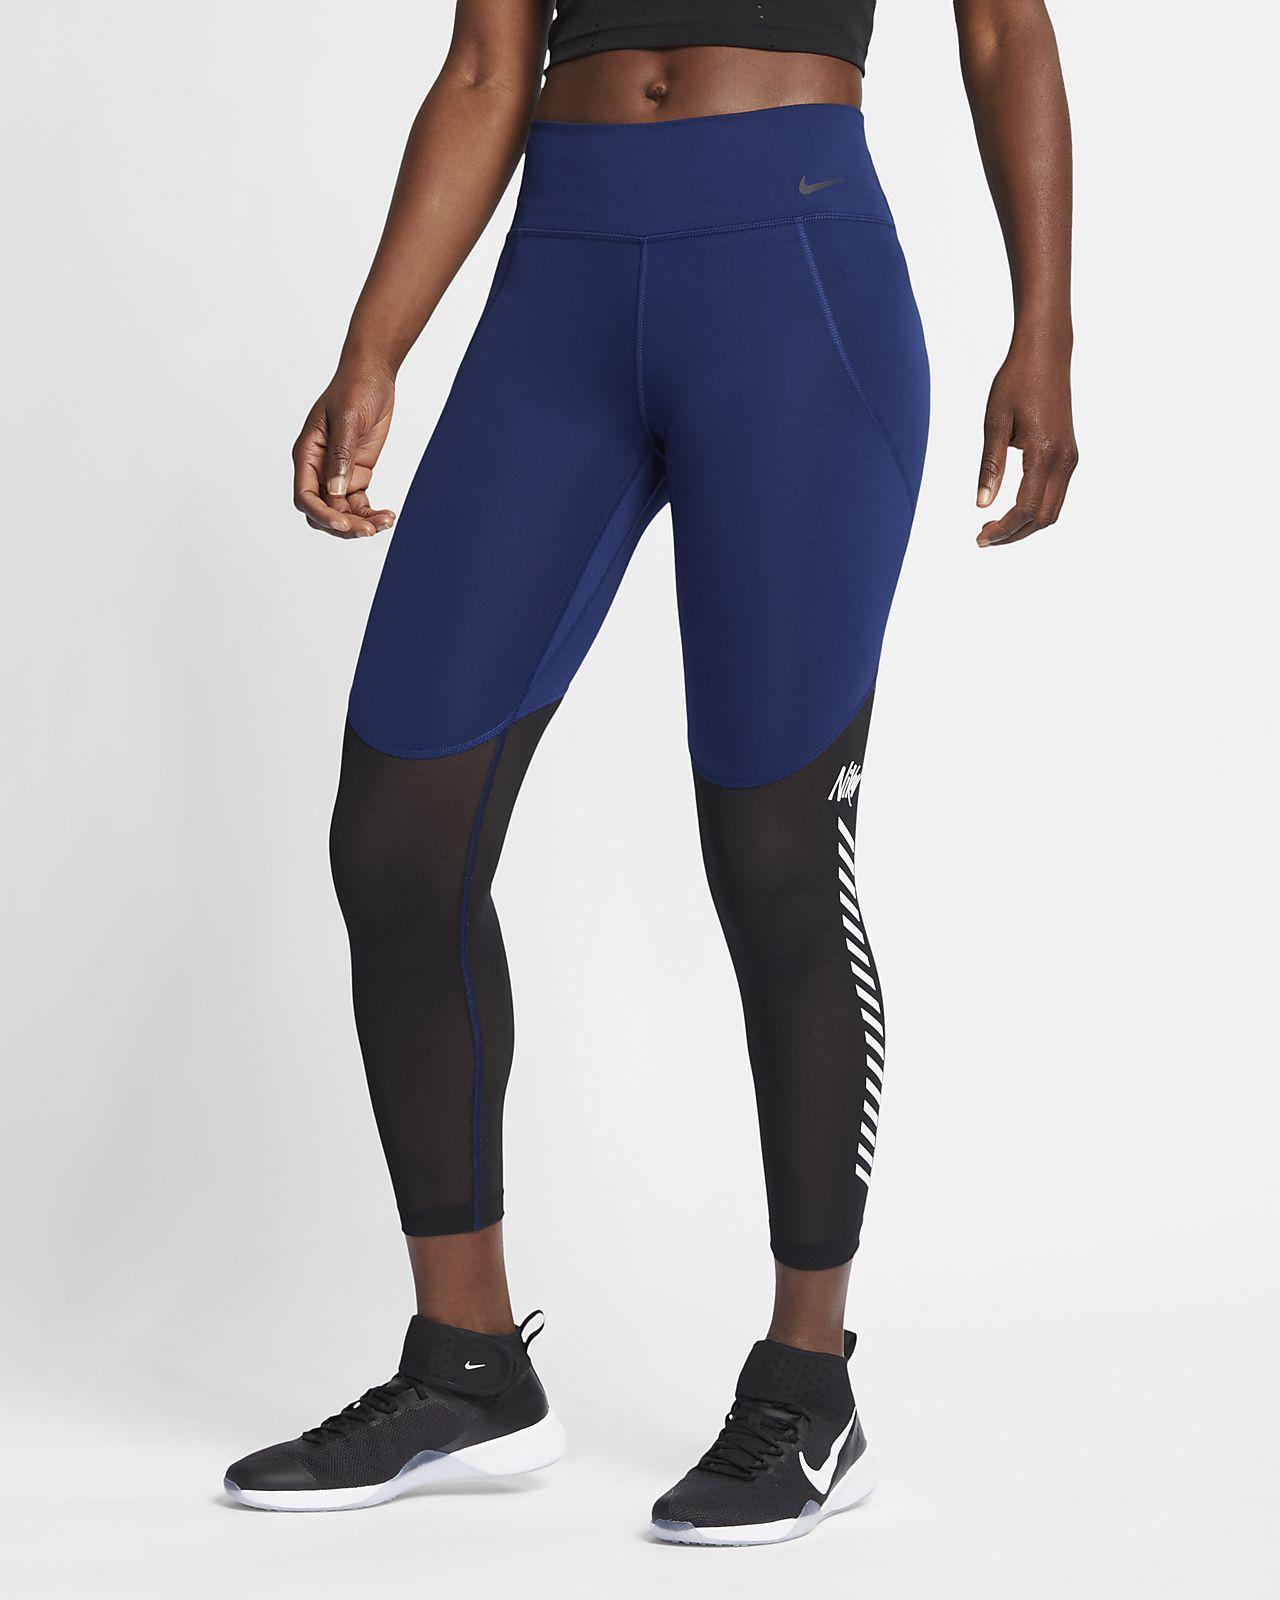 กางเกงรัดรูปเทรนนิ่ง 7/8 ส่วนผู้หญิงมีกราฟิก Nike One